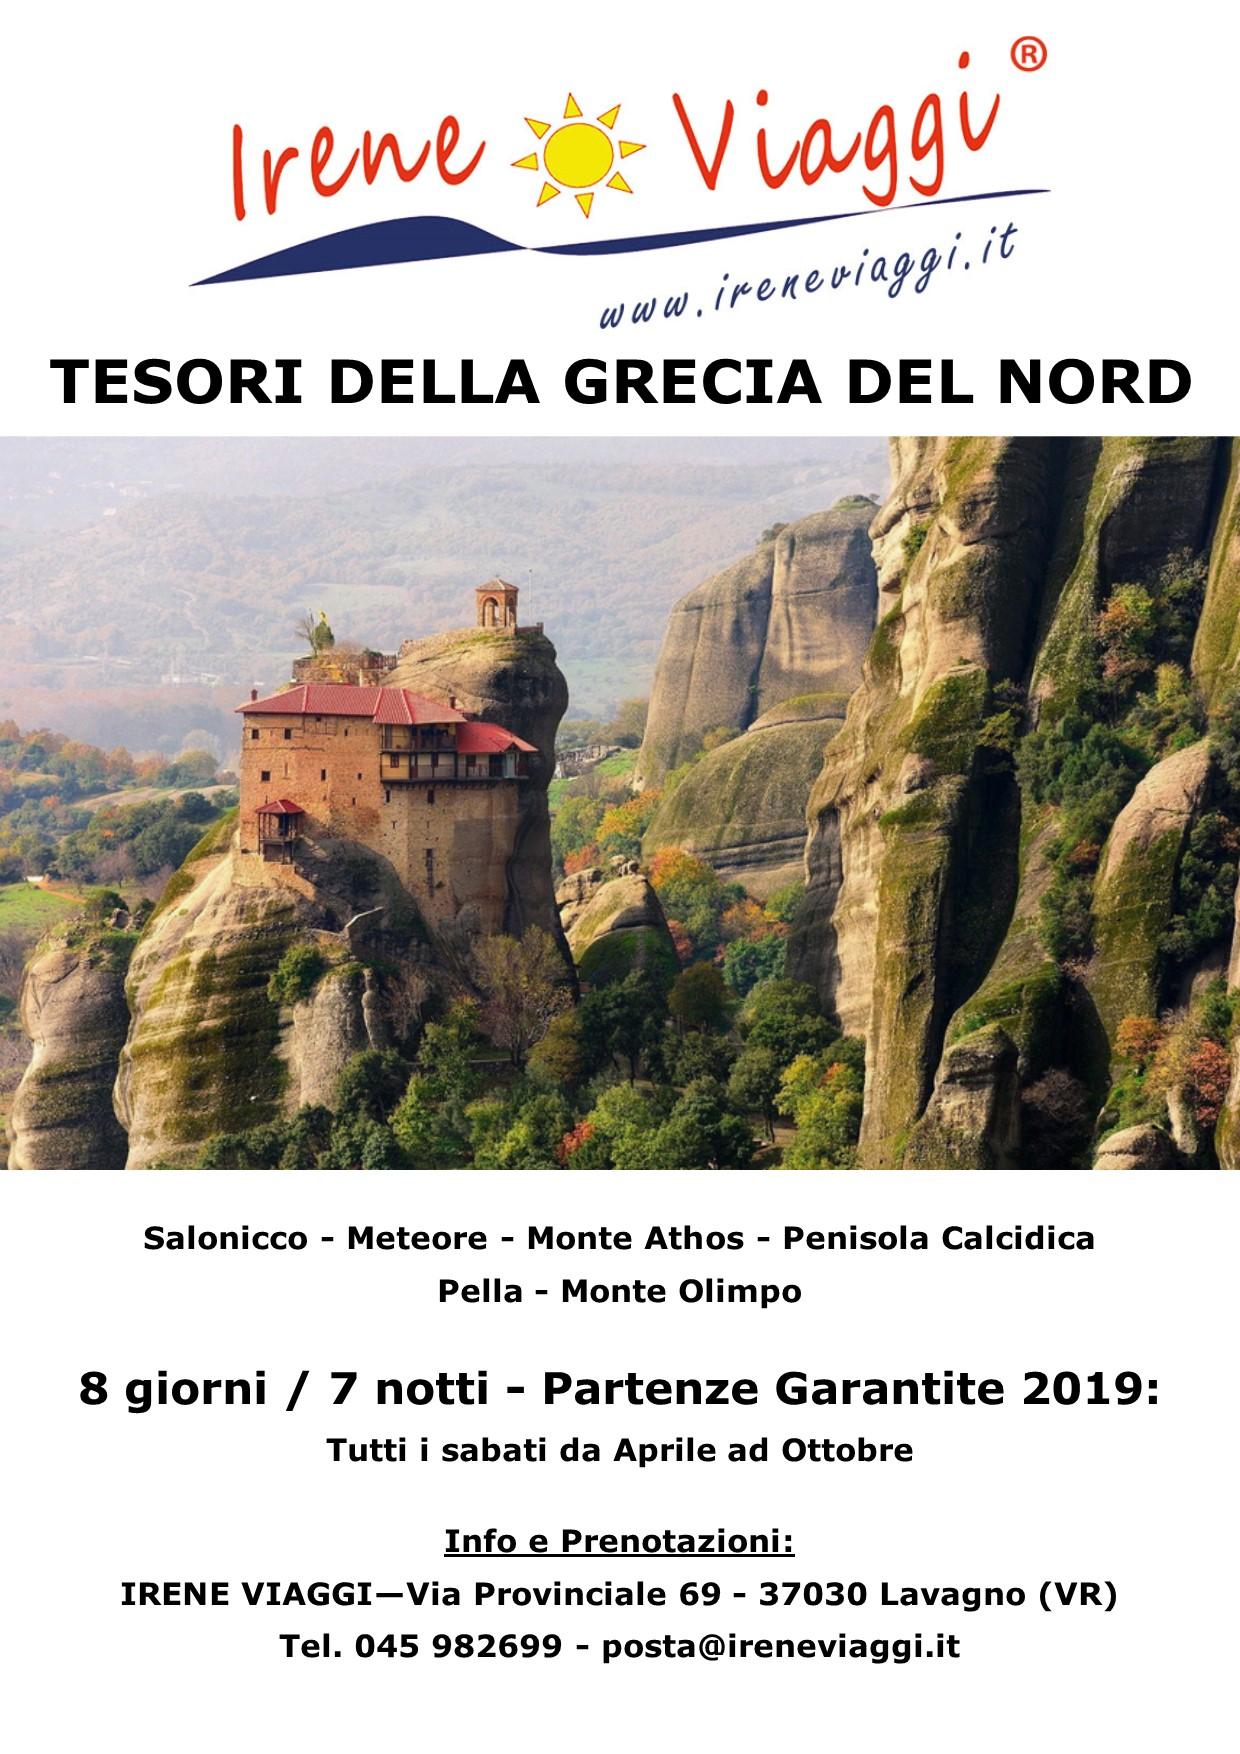 Tour della Grecia del Nord